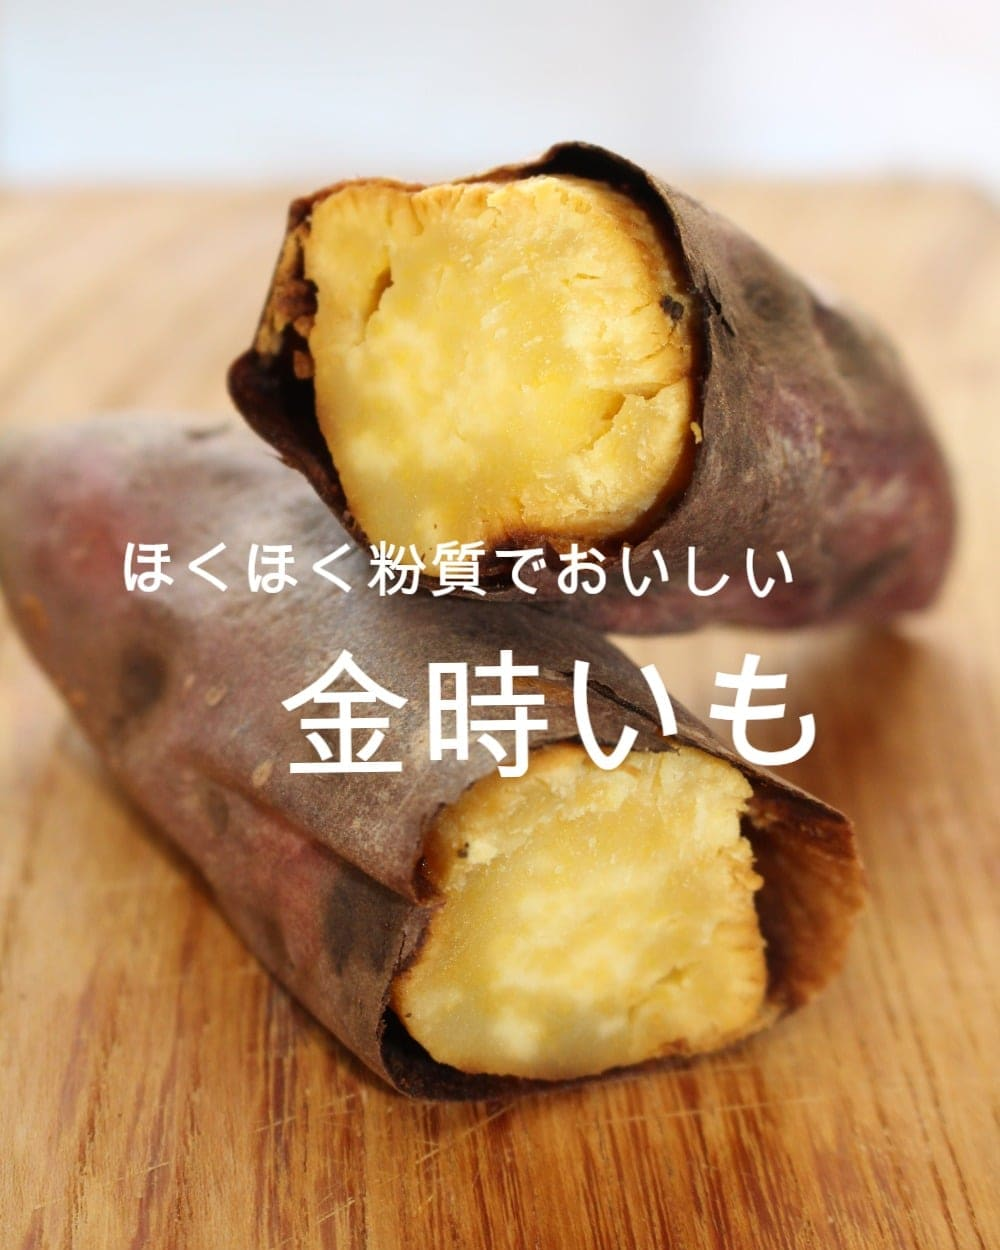 無農薬の焼き芋